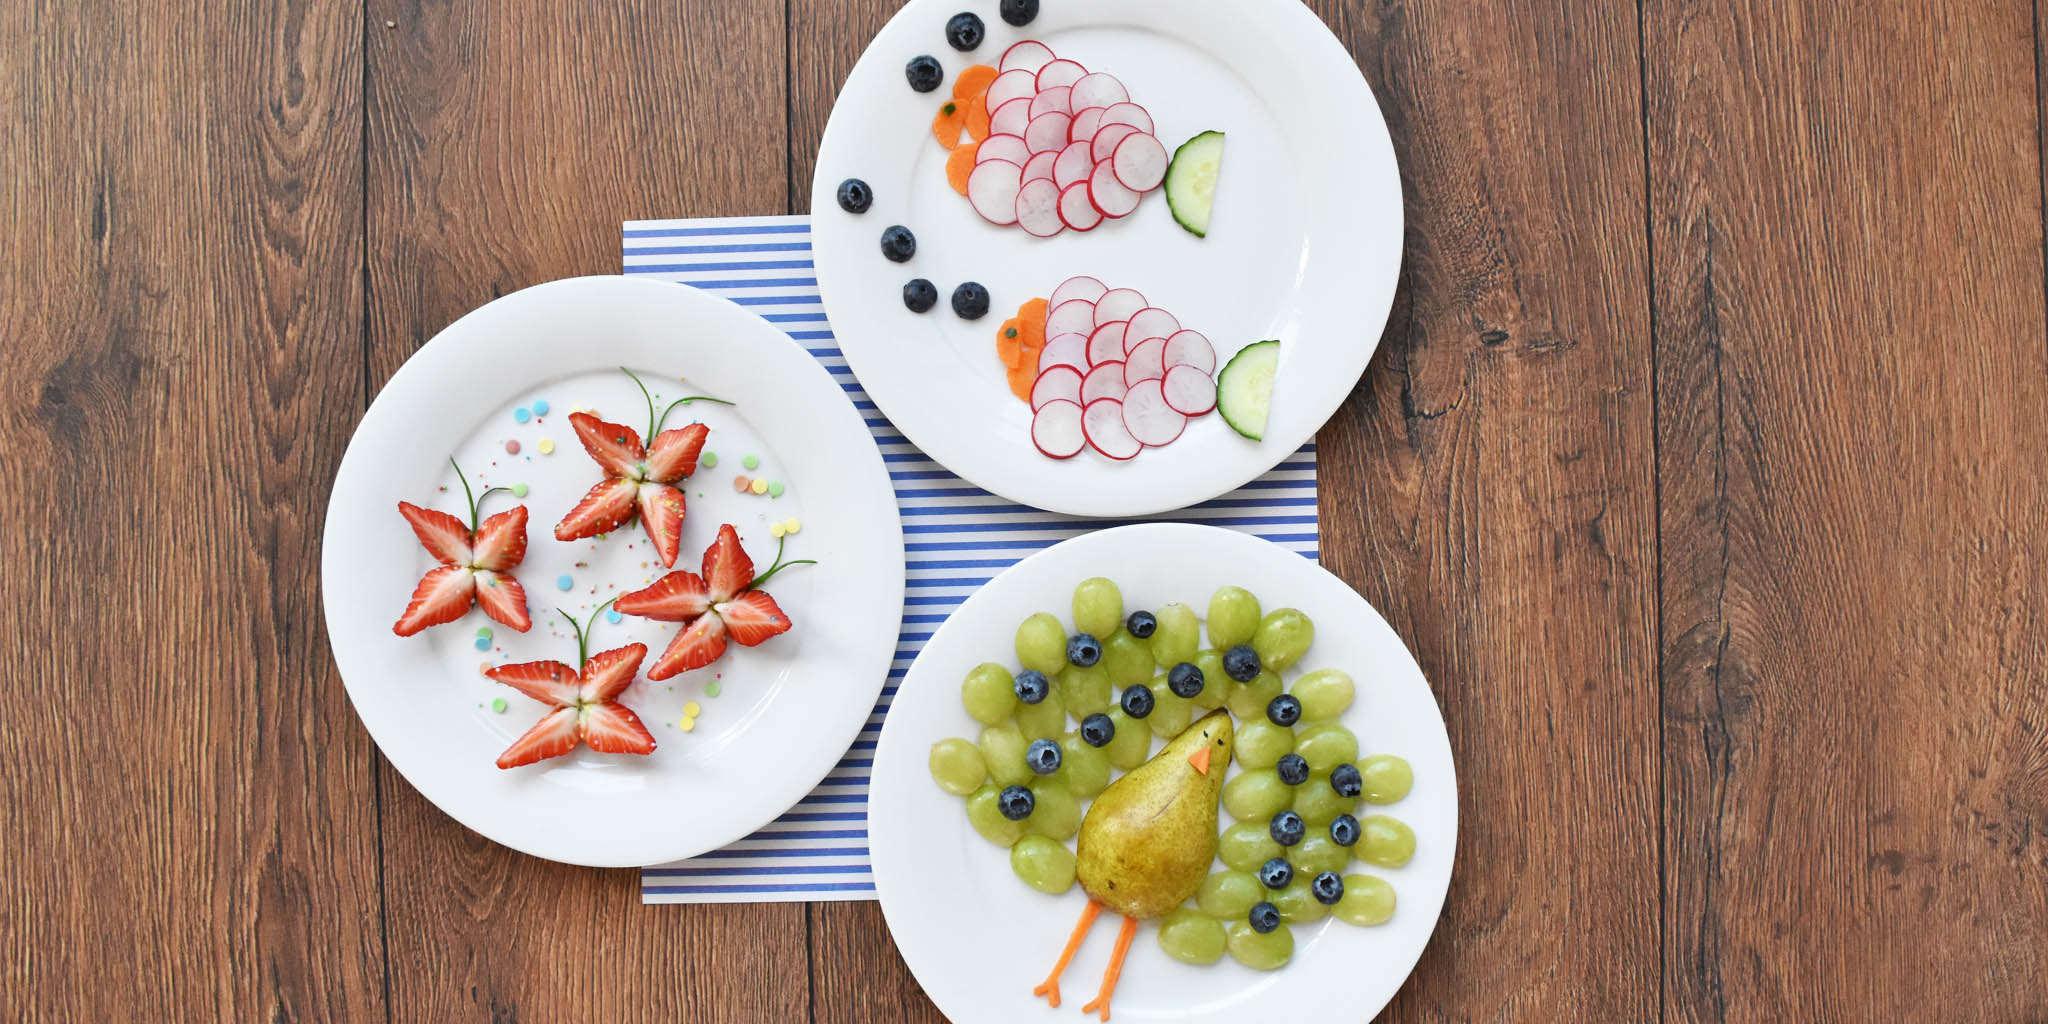 Comer frutas pode ser muito divertido